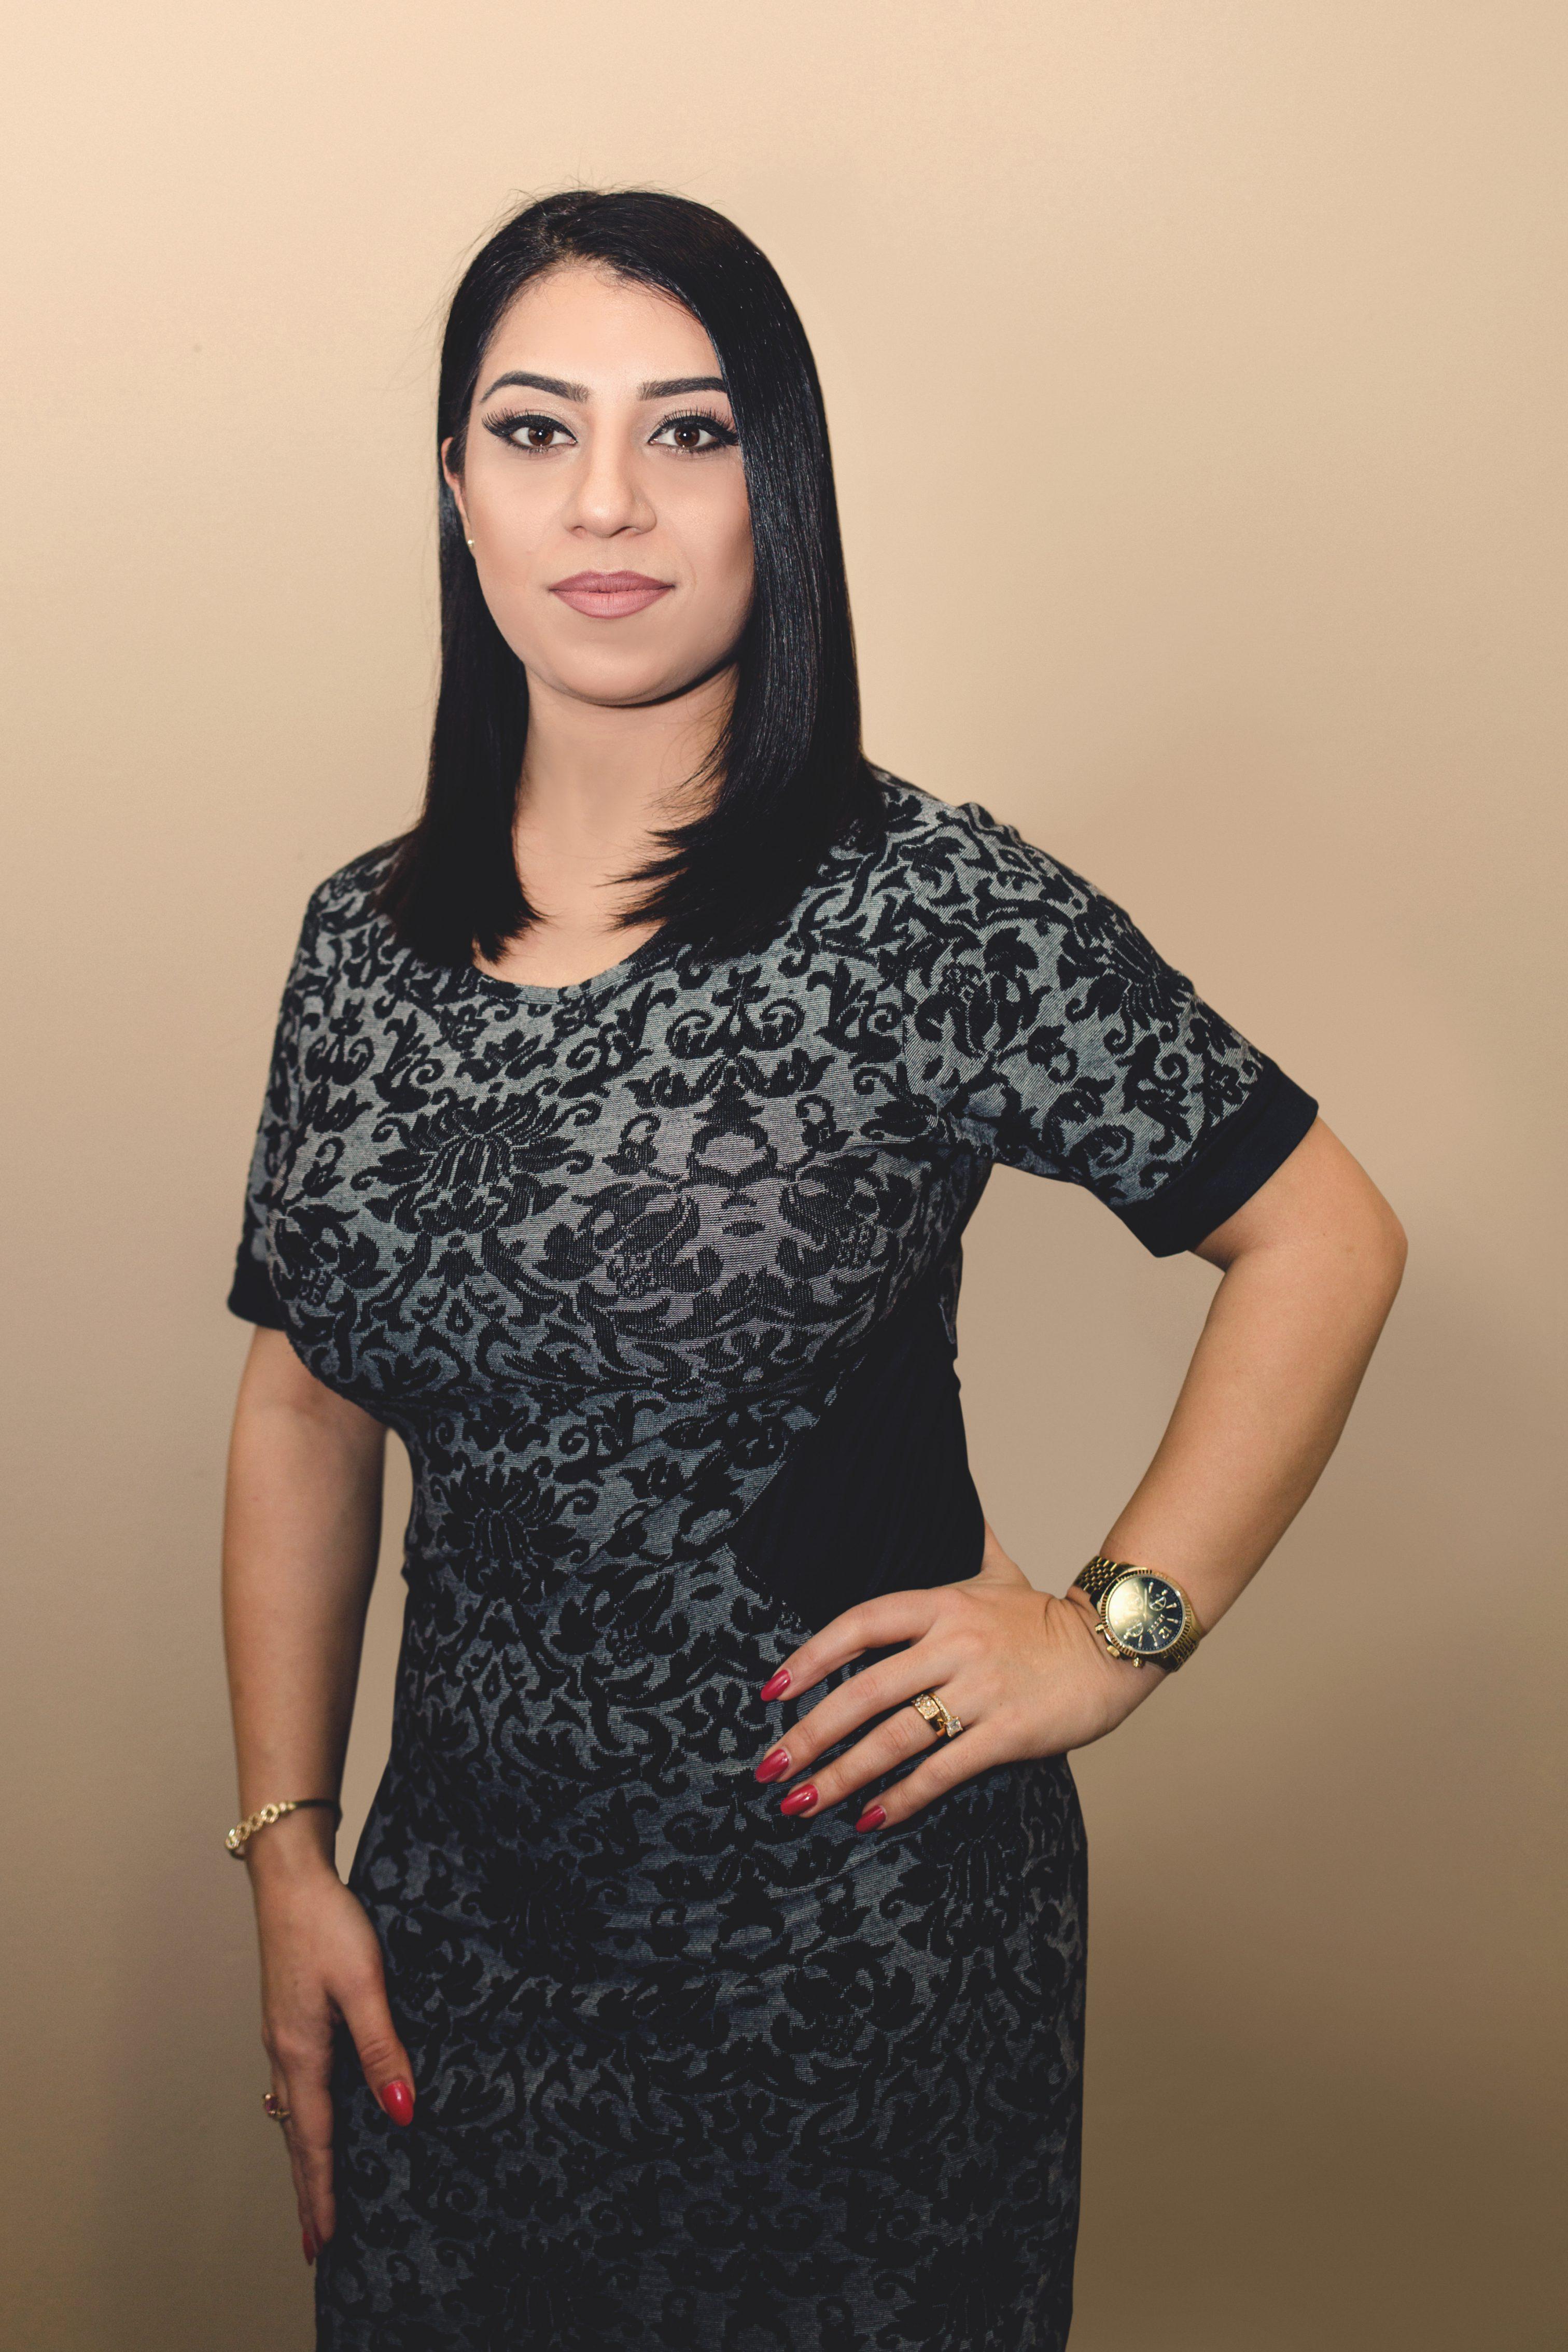 Mina Nazari